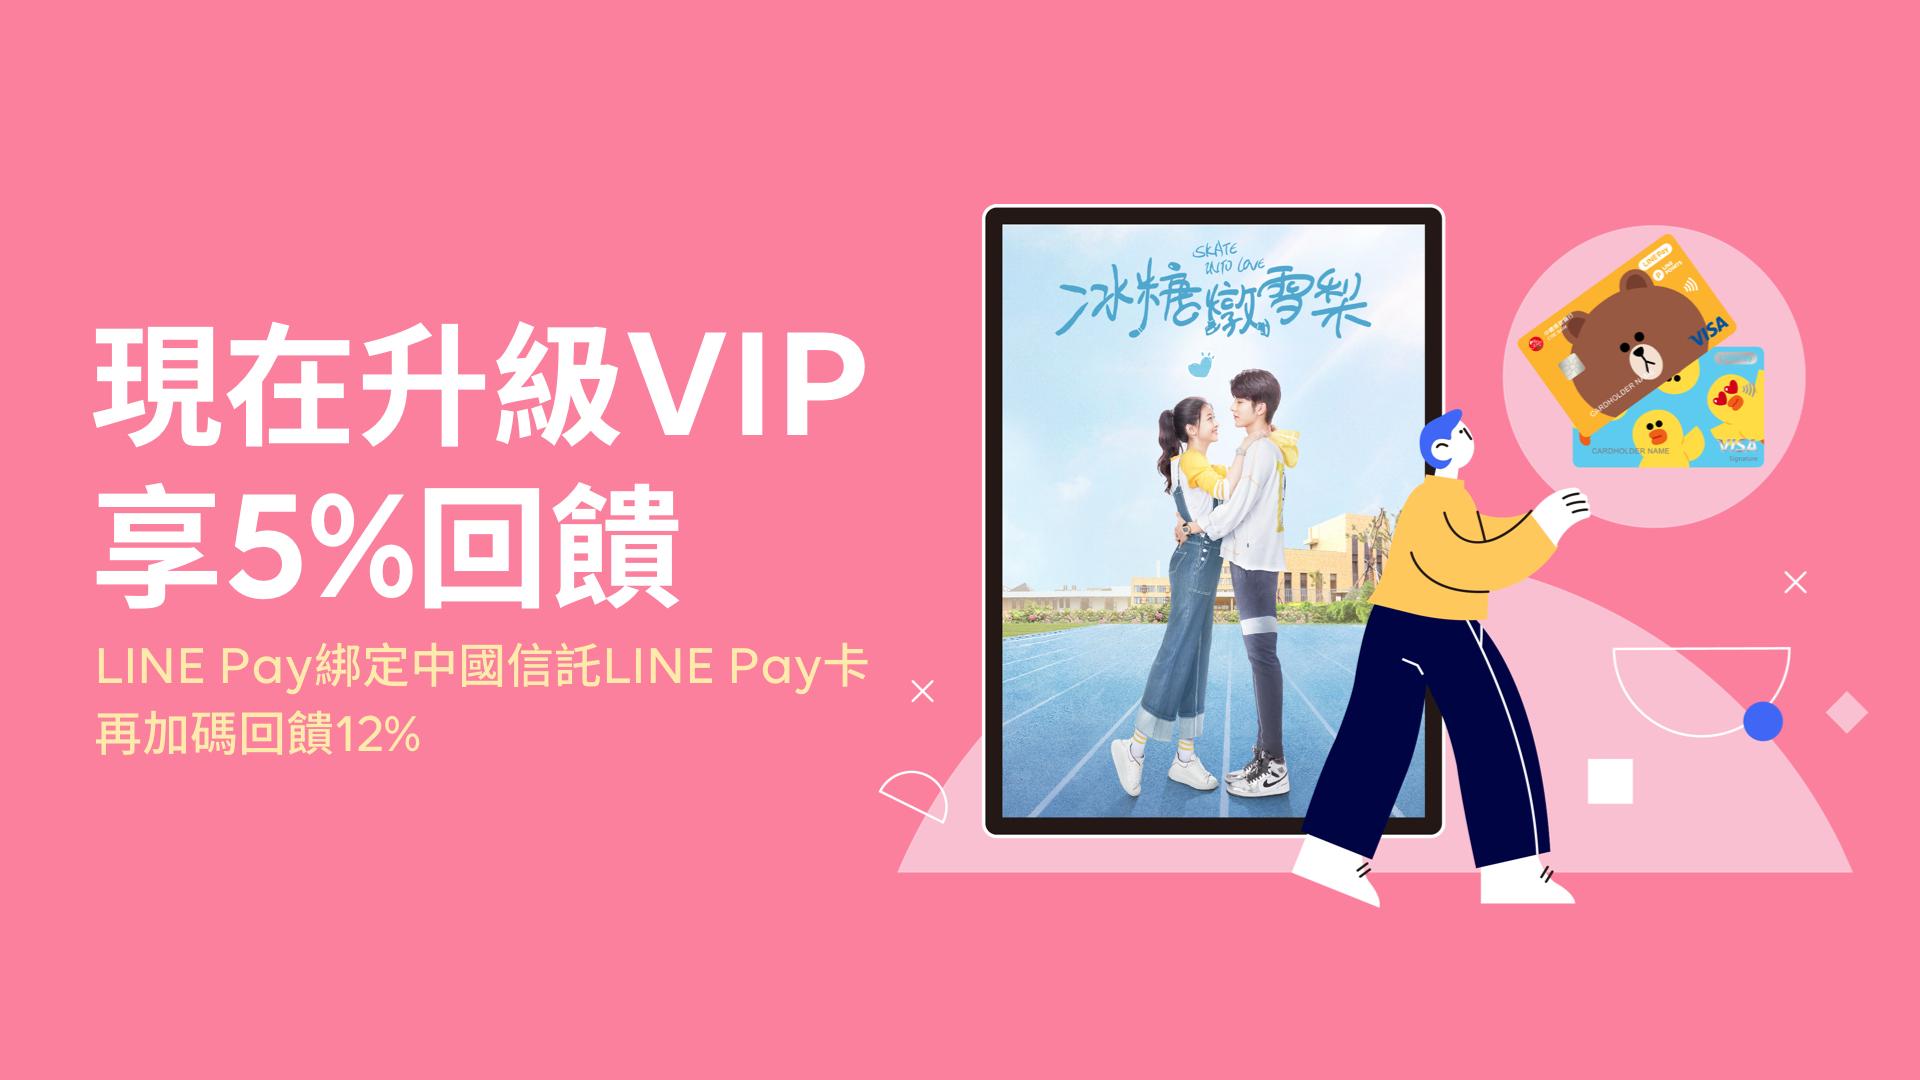 【限時活動】升級VIP享LINE POINTS 5%回饋!限時再加碼LINE POINTS 12%